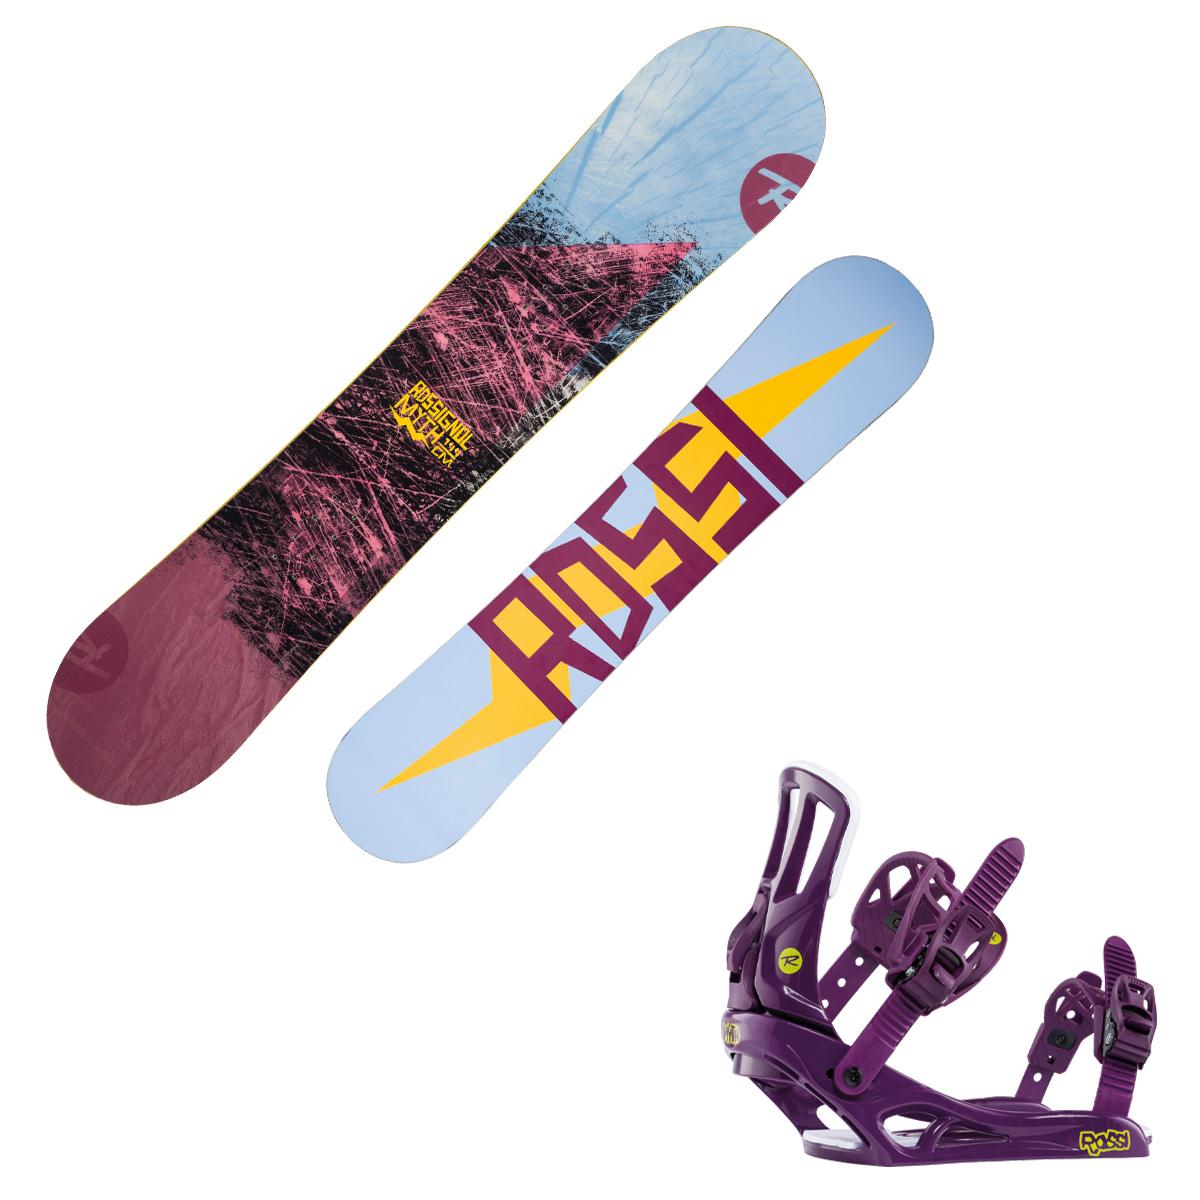 Snowboard Rossignol Myth con attacchi Myth S/M (Colore: fantasia, Taglia: 144)